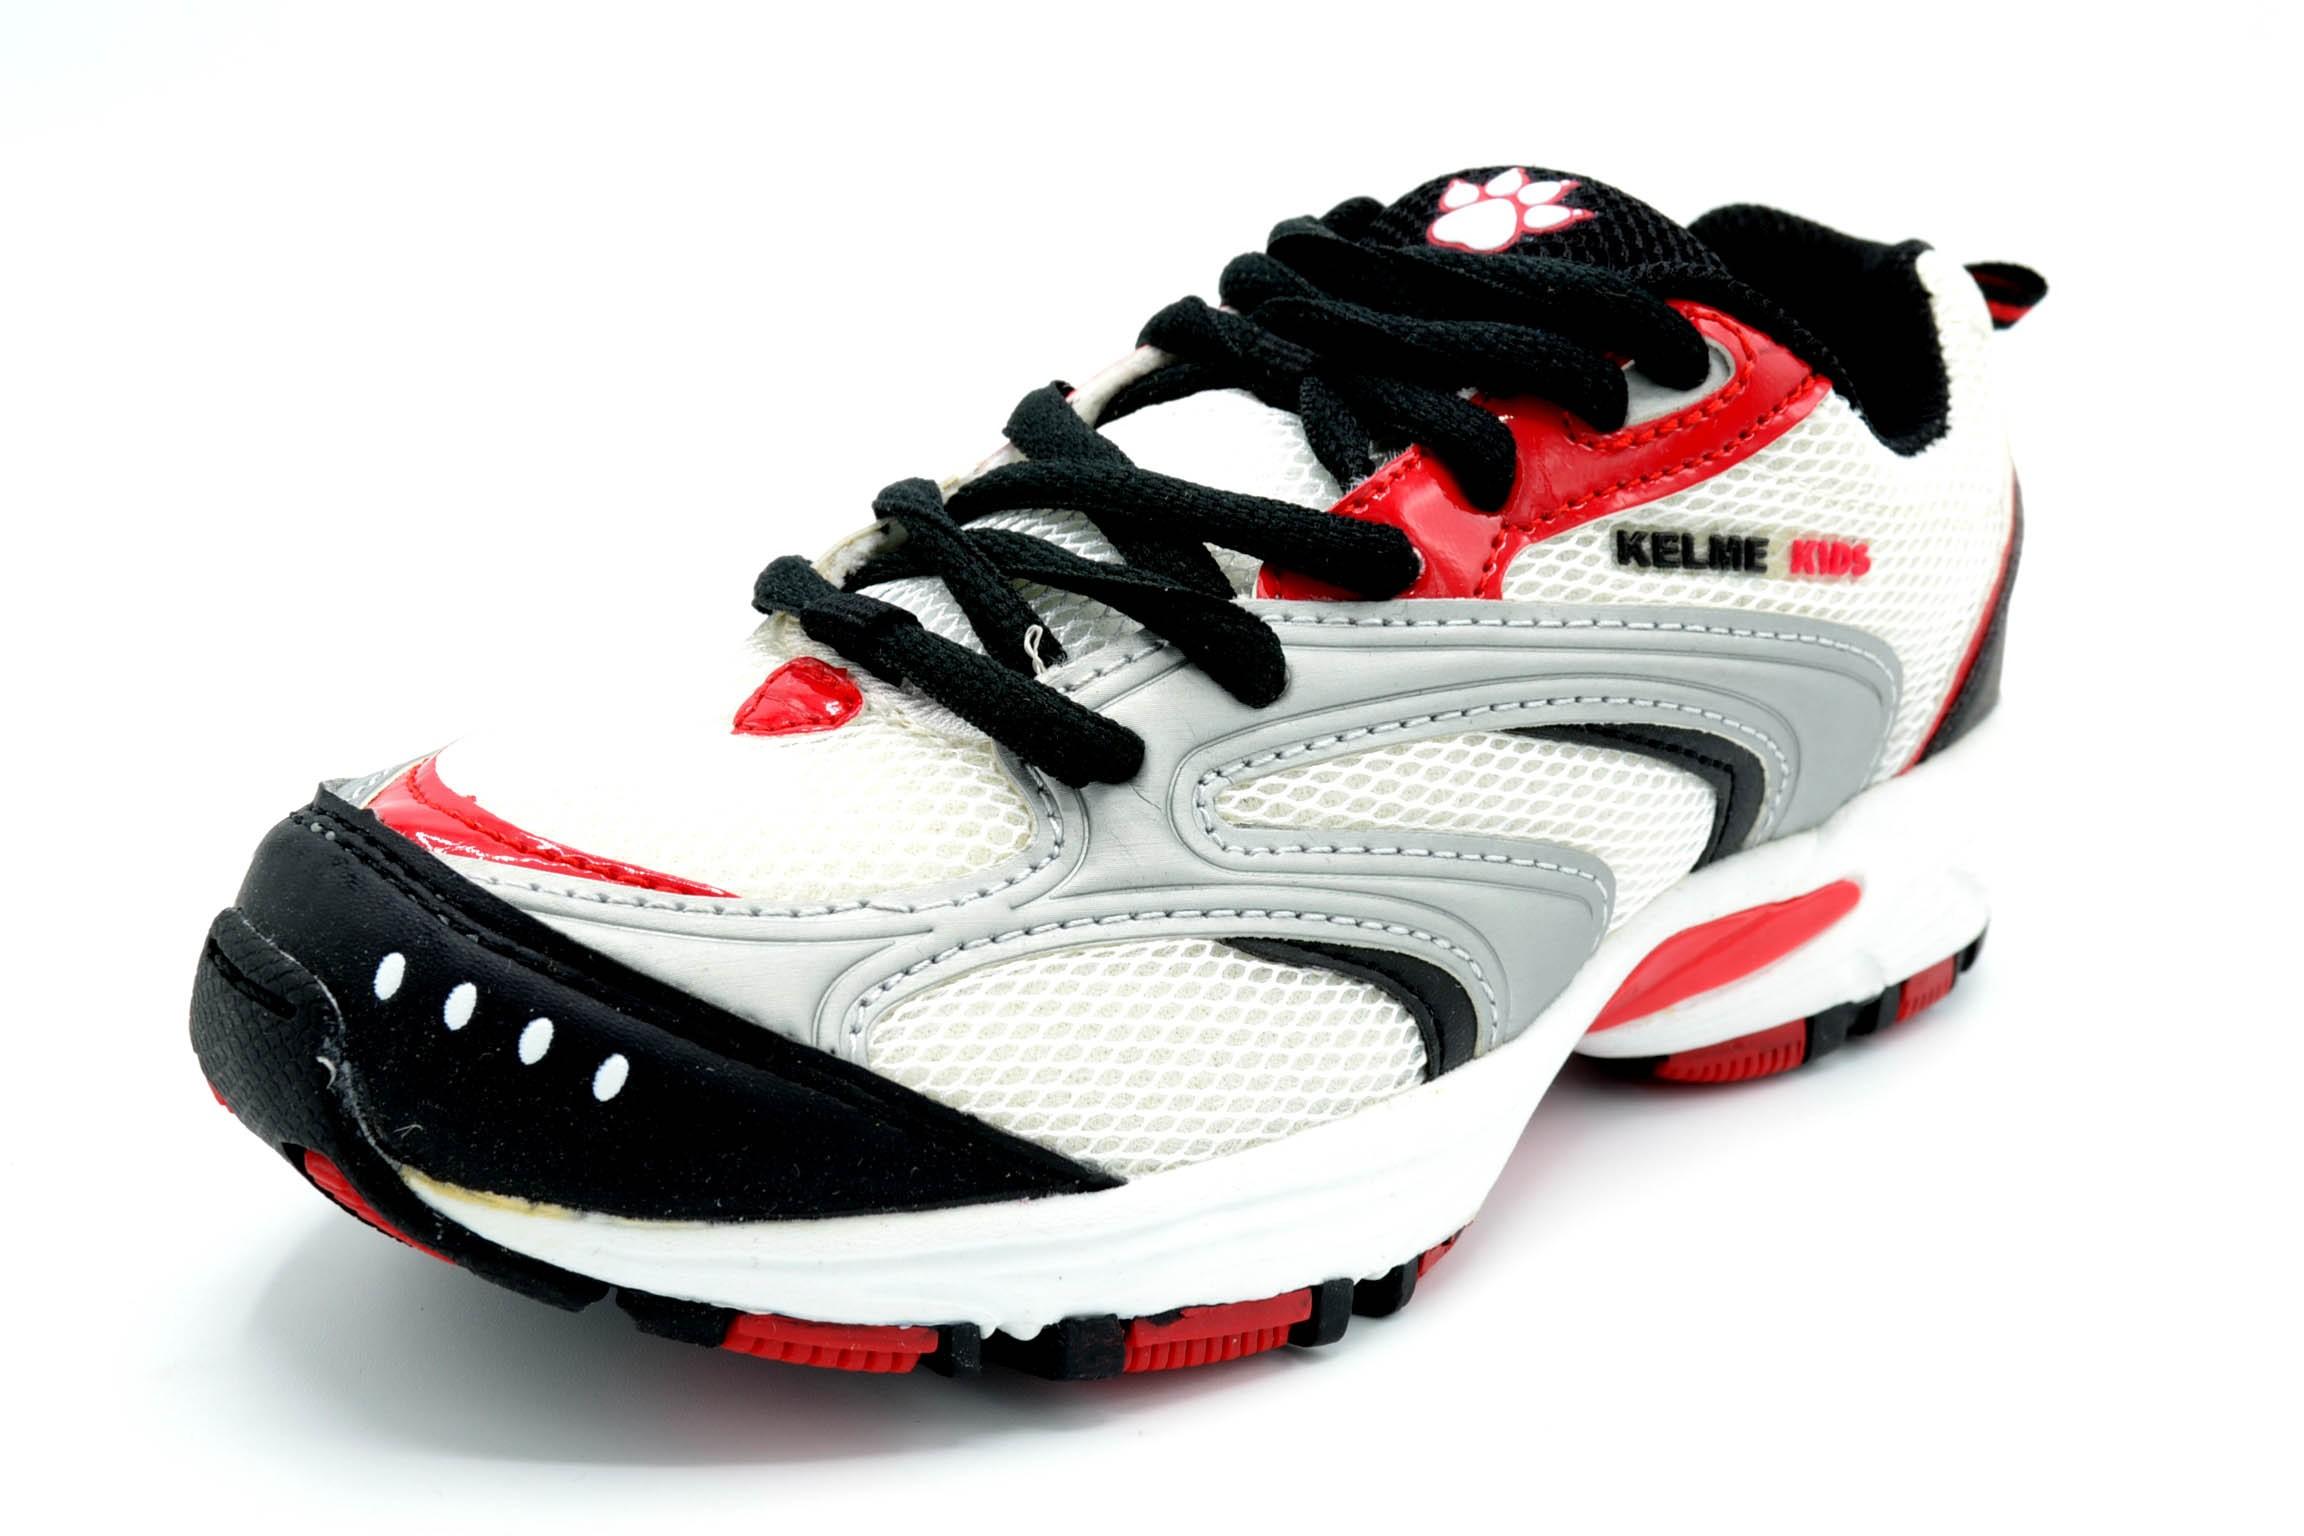 de34510fa5e Kelme Storm blanco/negro - Zapatilla deportiva running para niño - La Gran  Zapateria